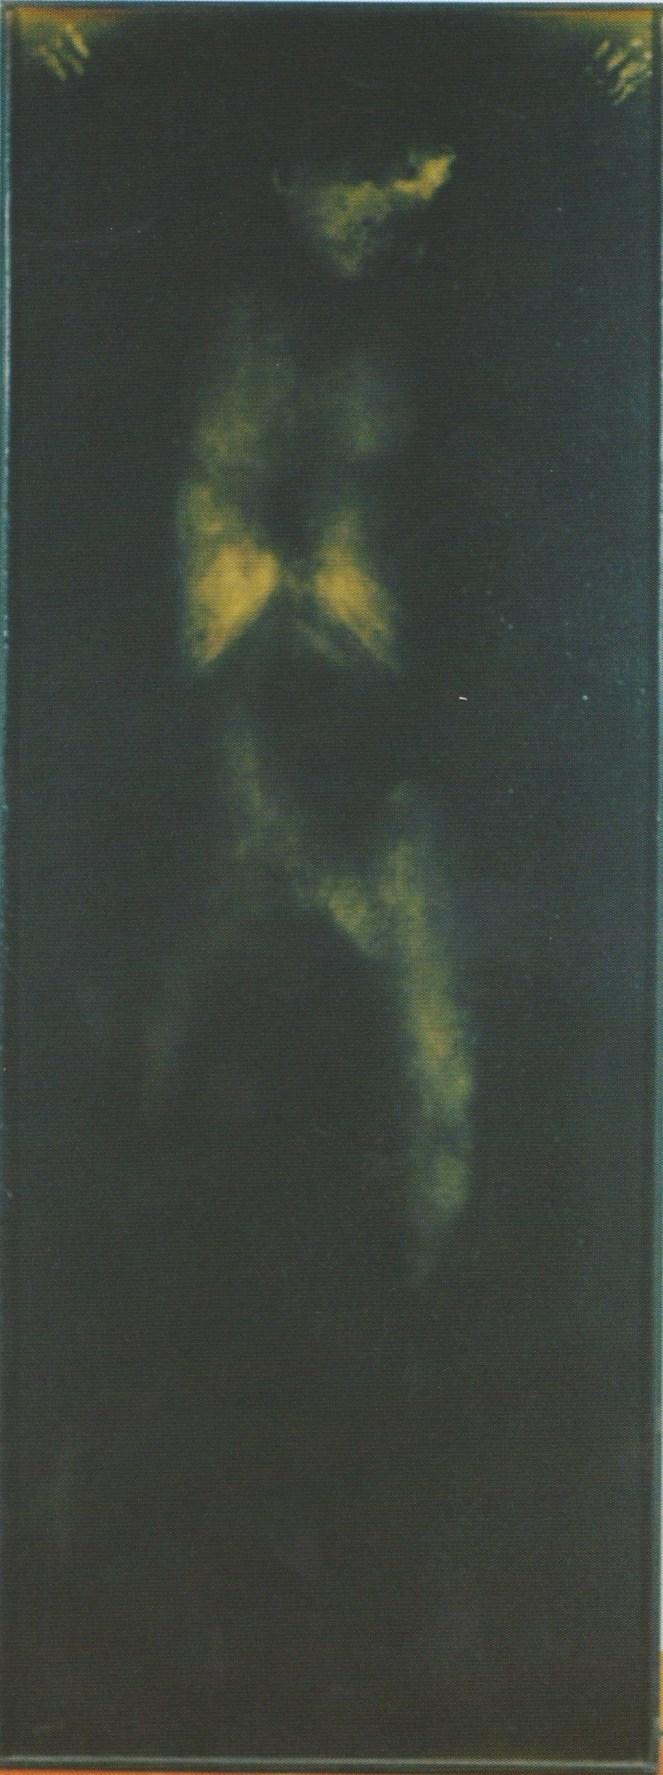 Giovanni Manfredini, Tentativo di Esistenza, calco corporeo su media reagenti, 1998